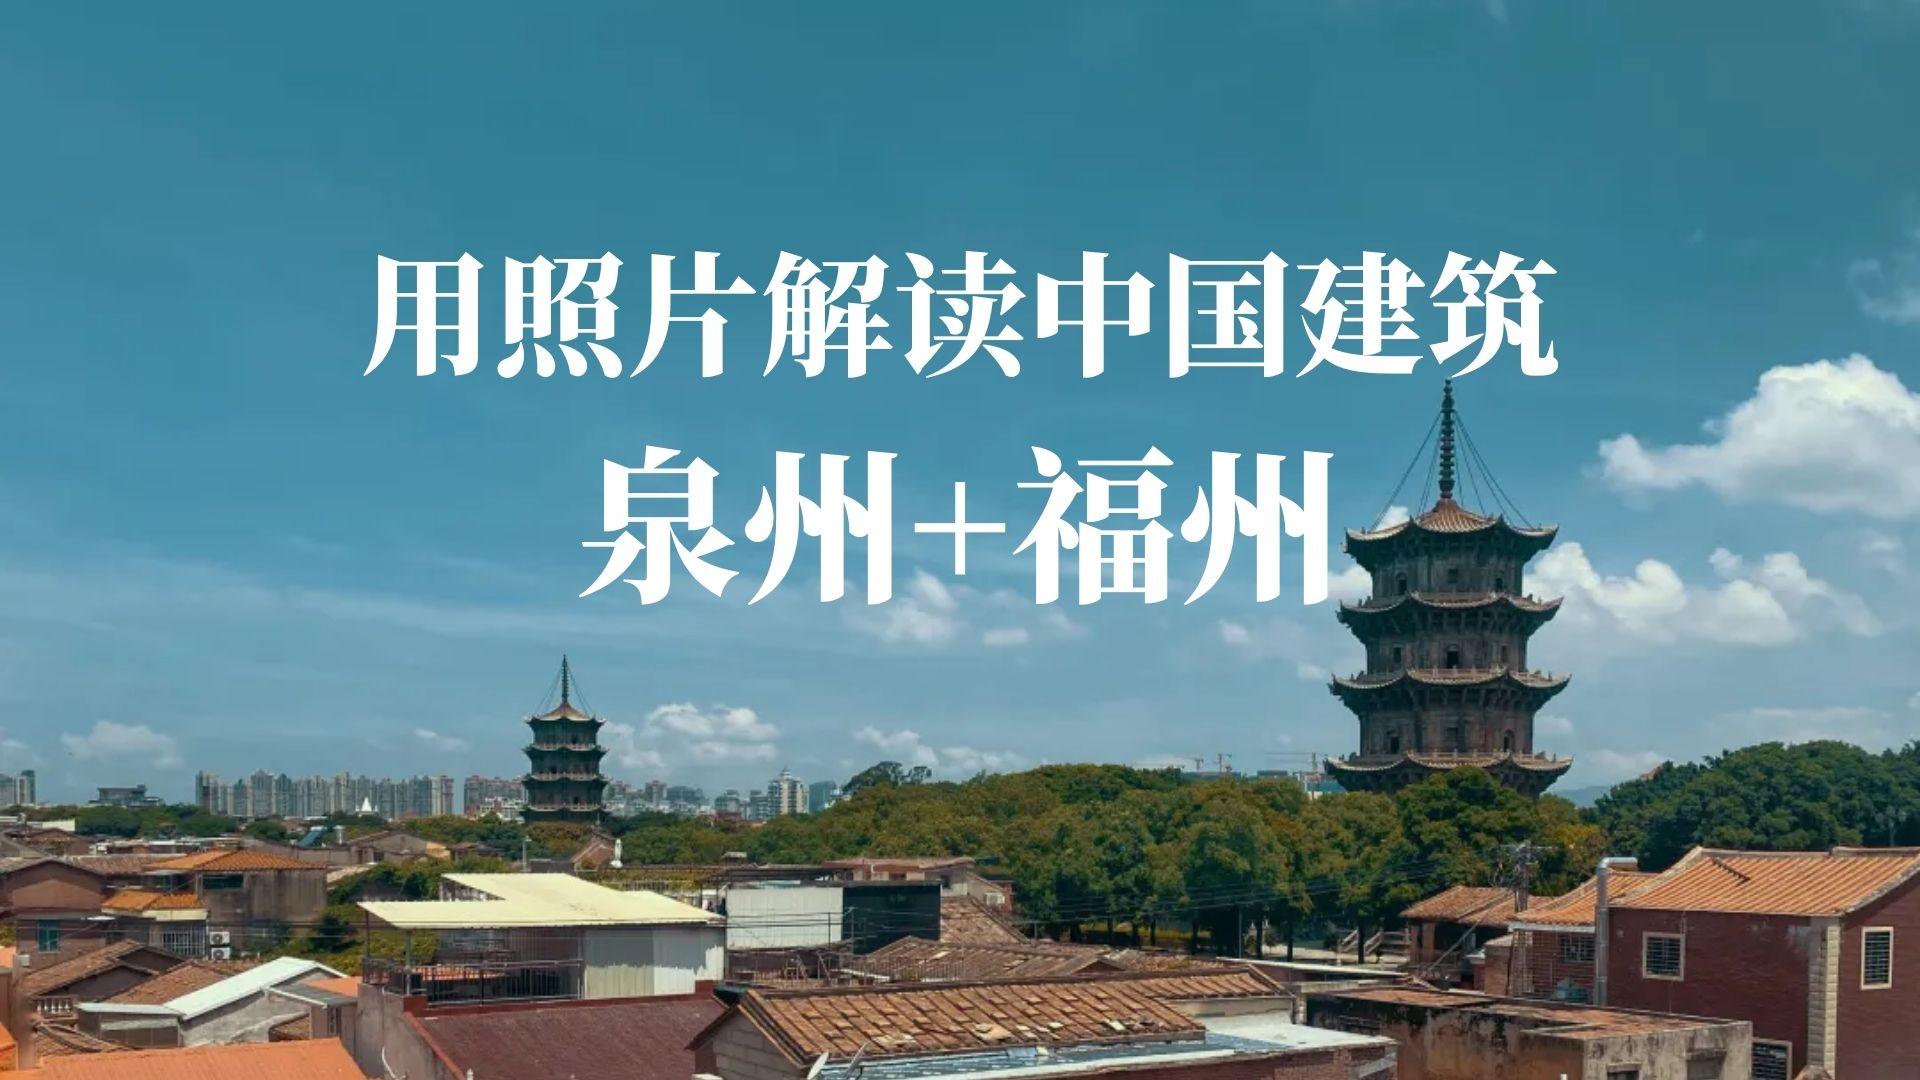 用照片解读中国建筑:泉州+福州